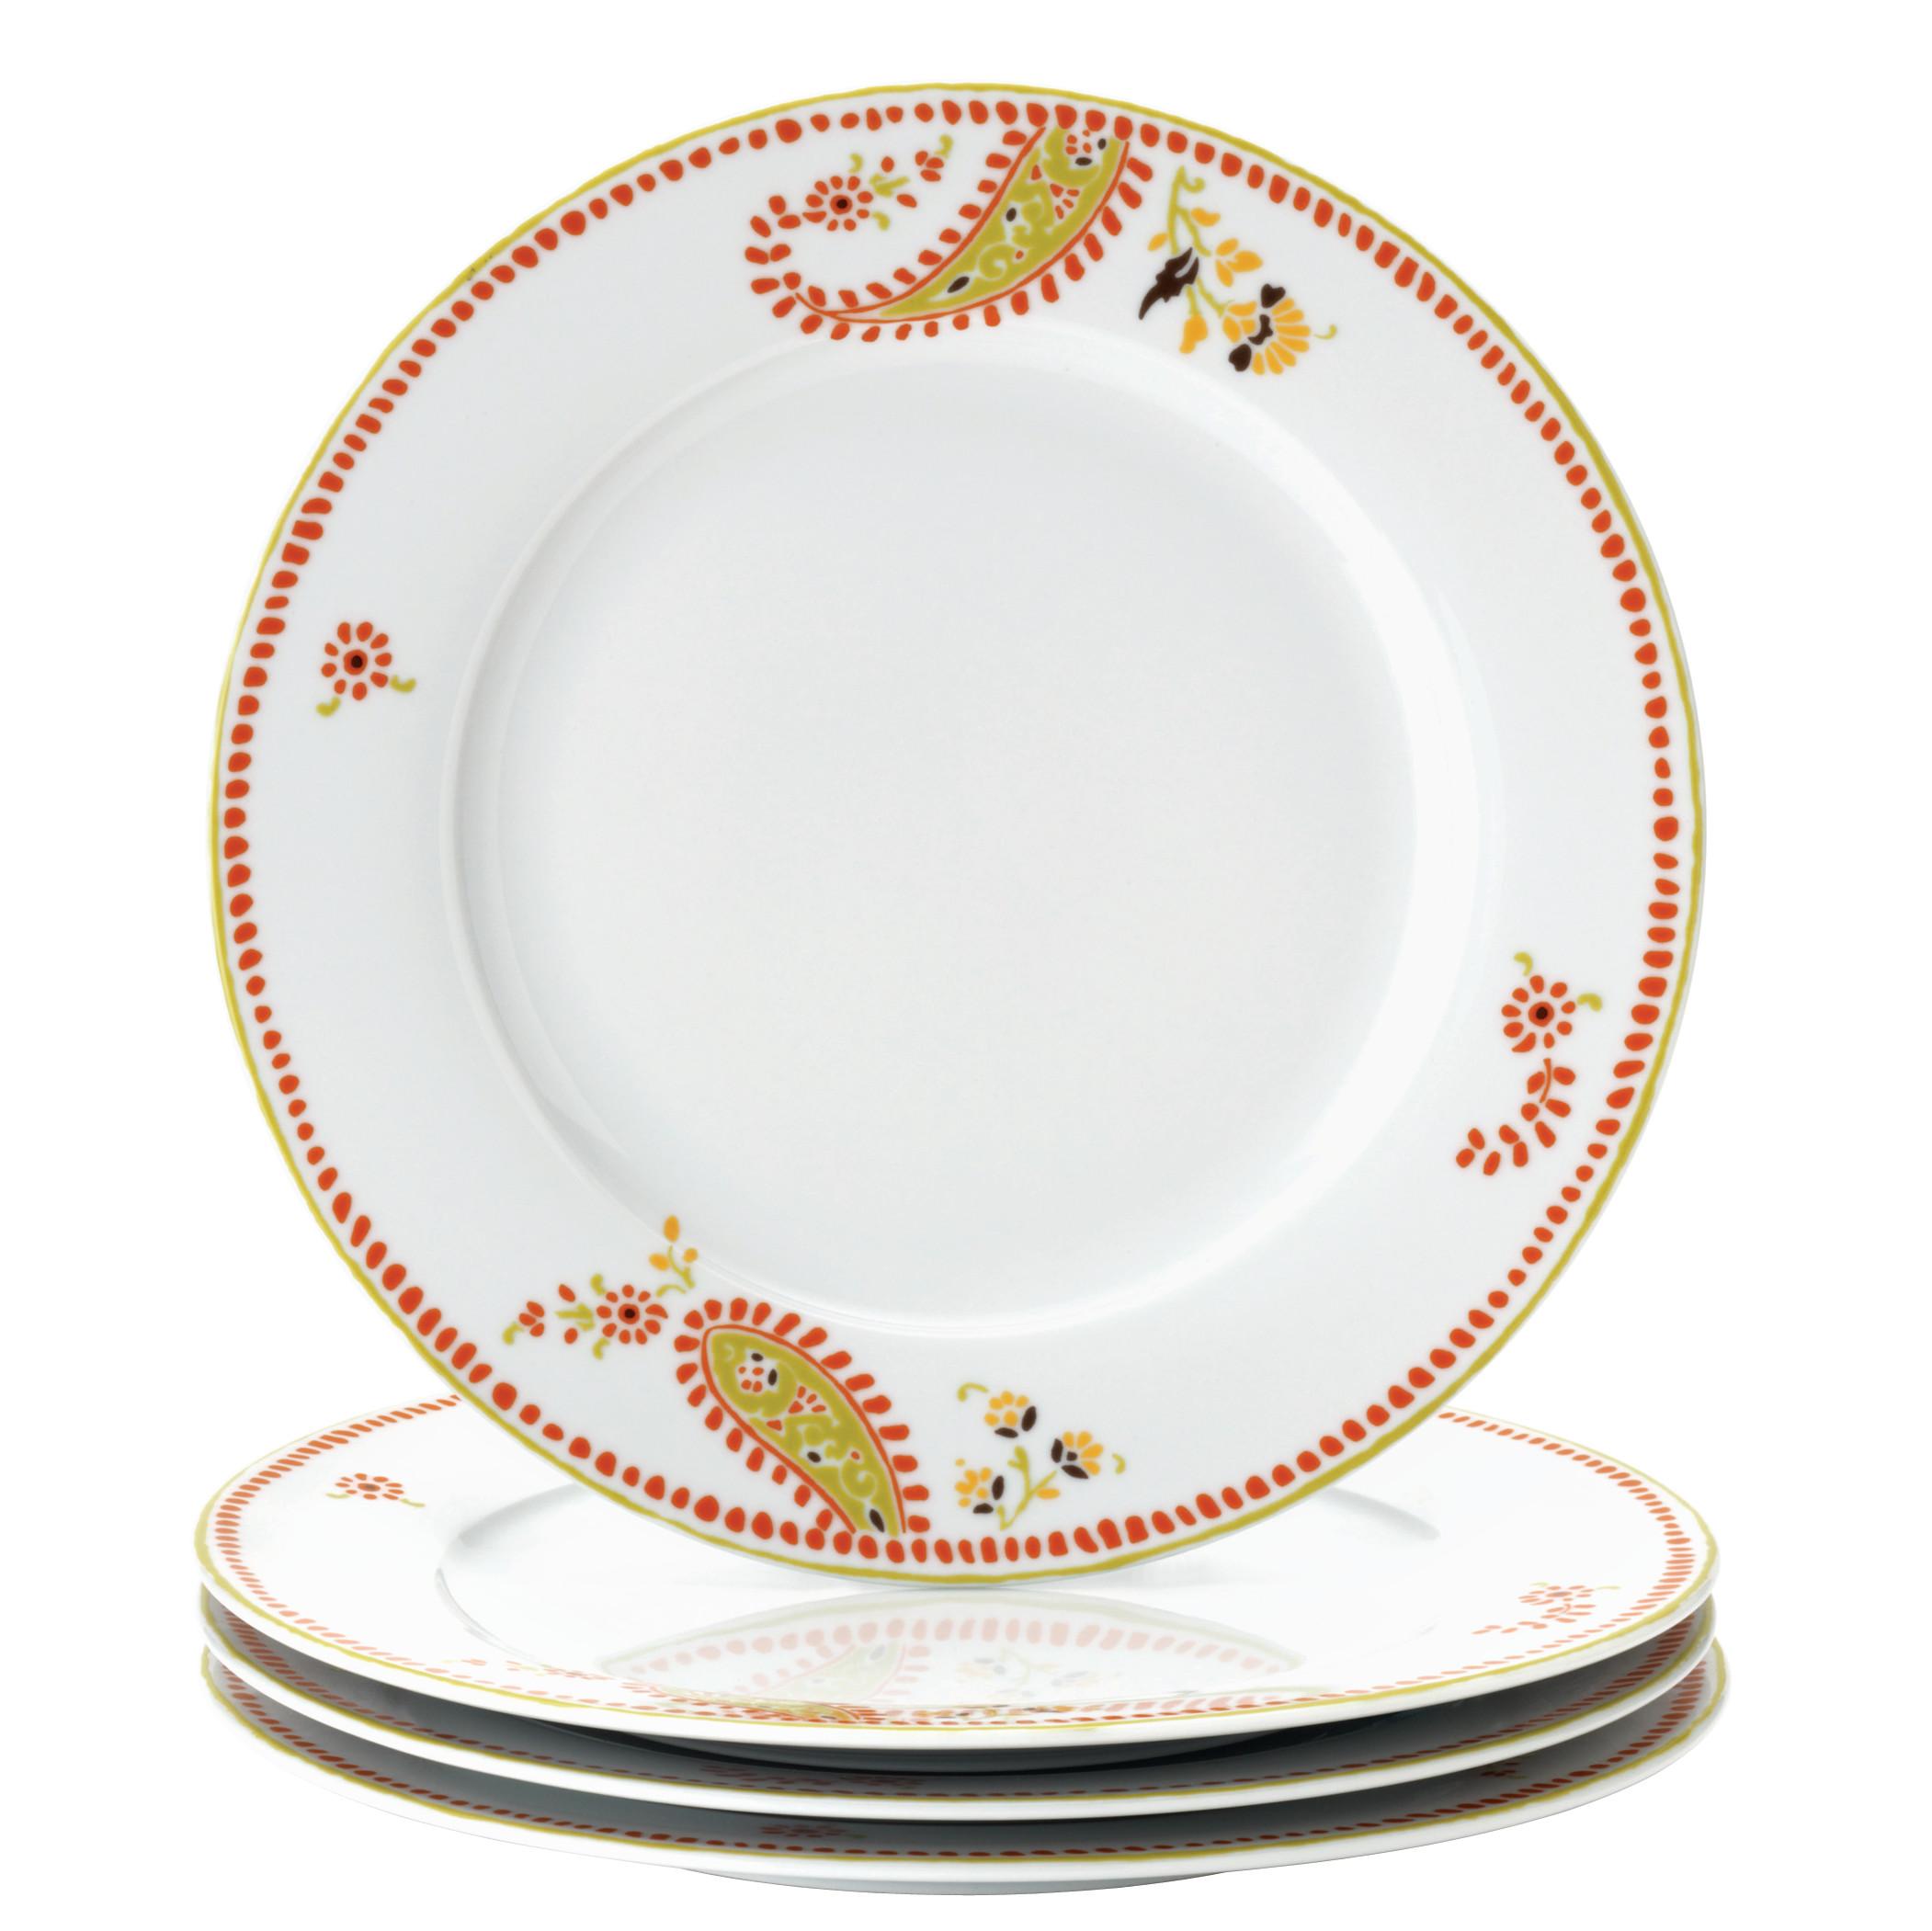 Rachael Ray Dinnerware Paisley 4-Piece Porcelain Dinner Plate Set - Walmart.com  sc 1 st  Walmart & Rachael Ray Dinnerware Paisley 4-Piece Porcelain Dinner Plate Set ...